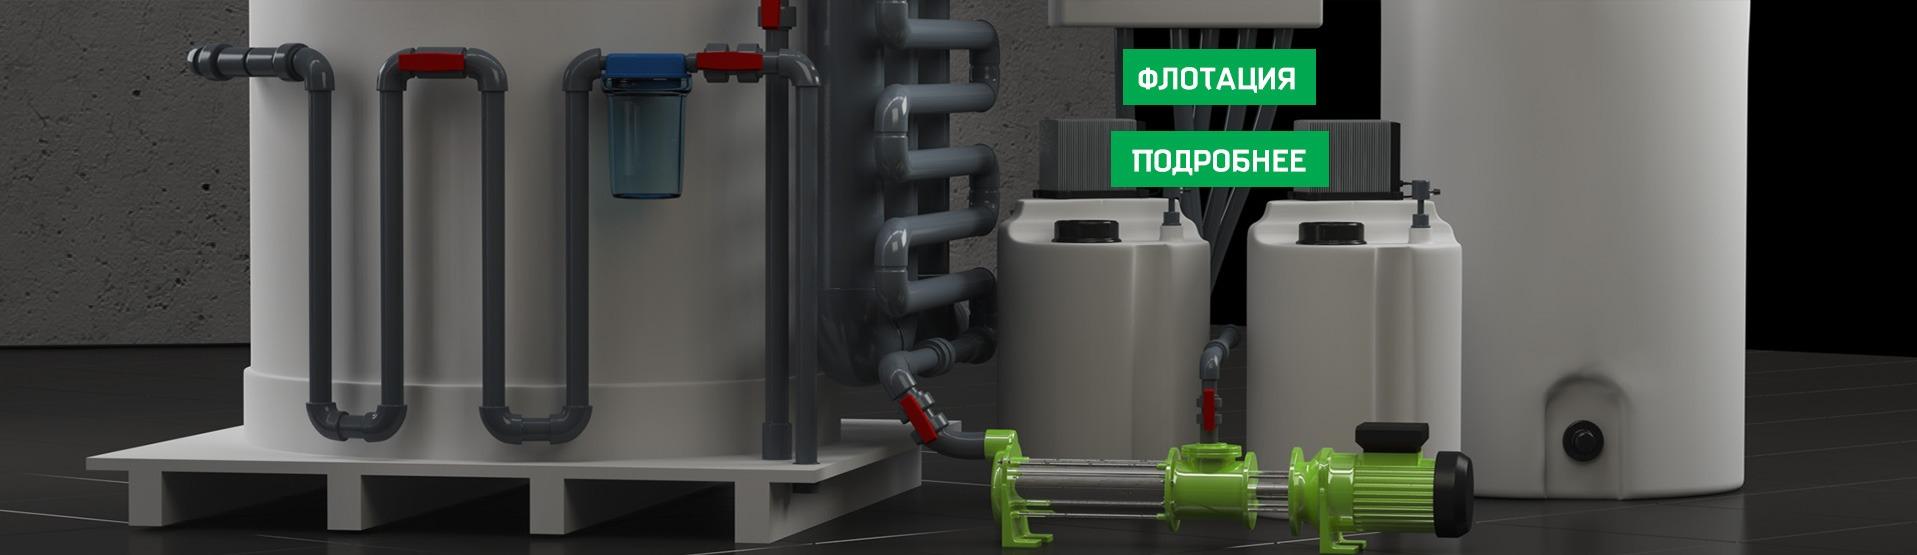 flotacija-ru